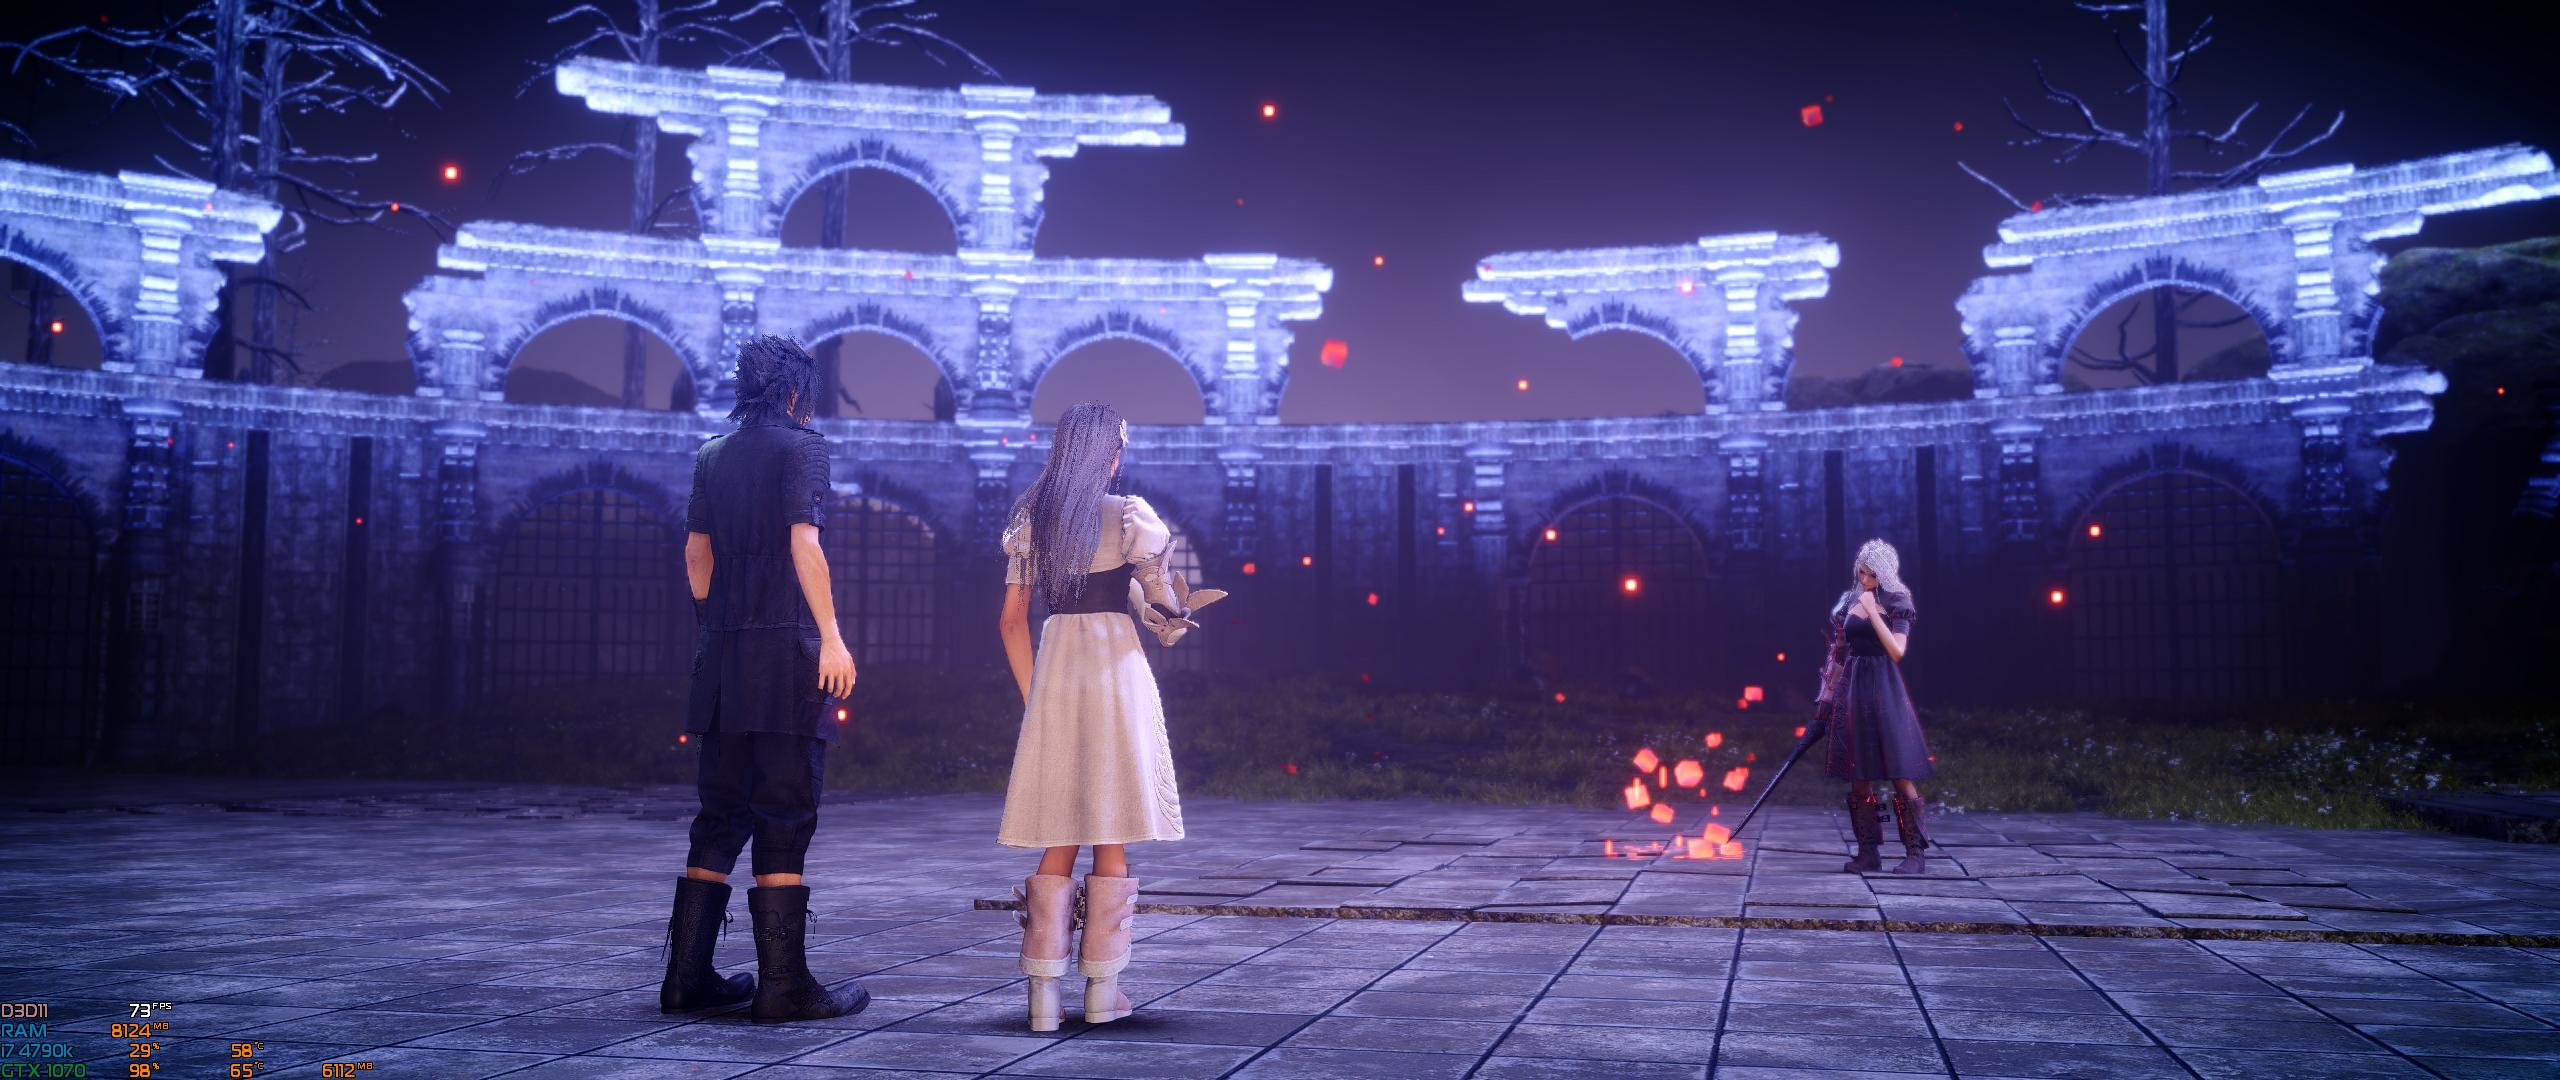 Final Fantasy XV Windows Edition Screenshot 2019.06.24 - 16.45.42.39.png - Final Fantasy 15